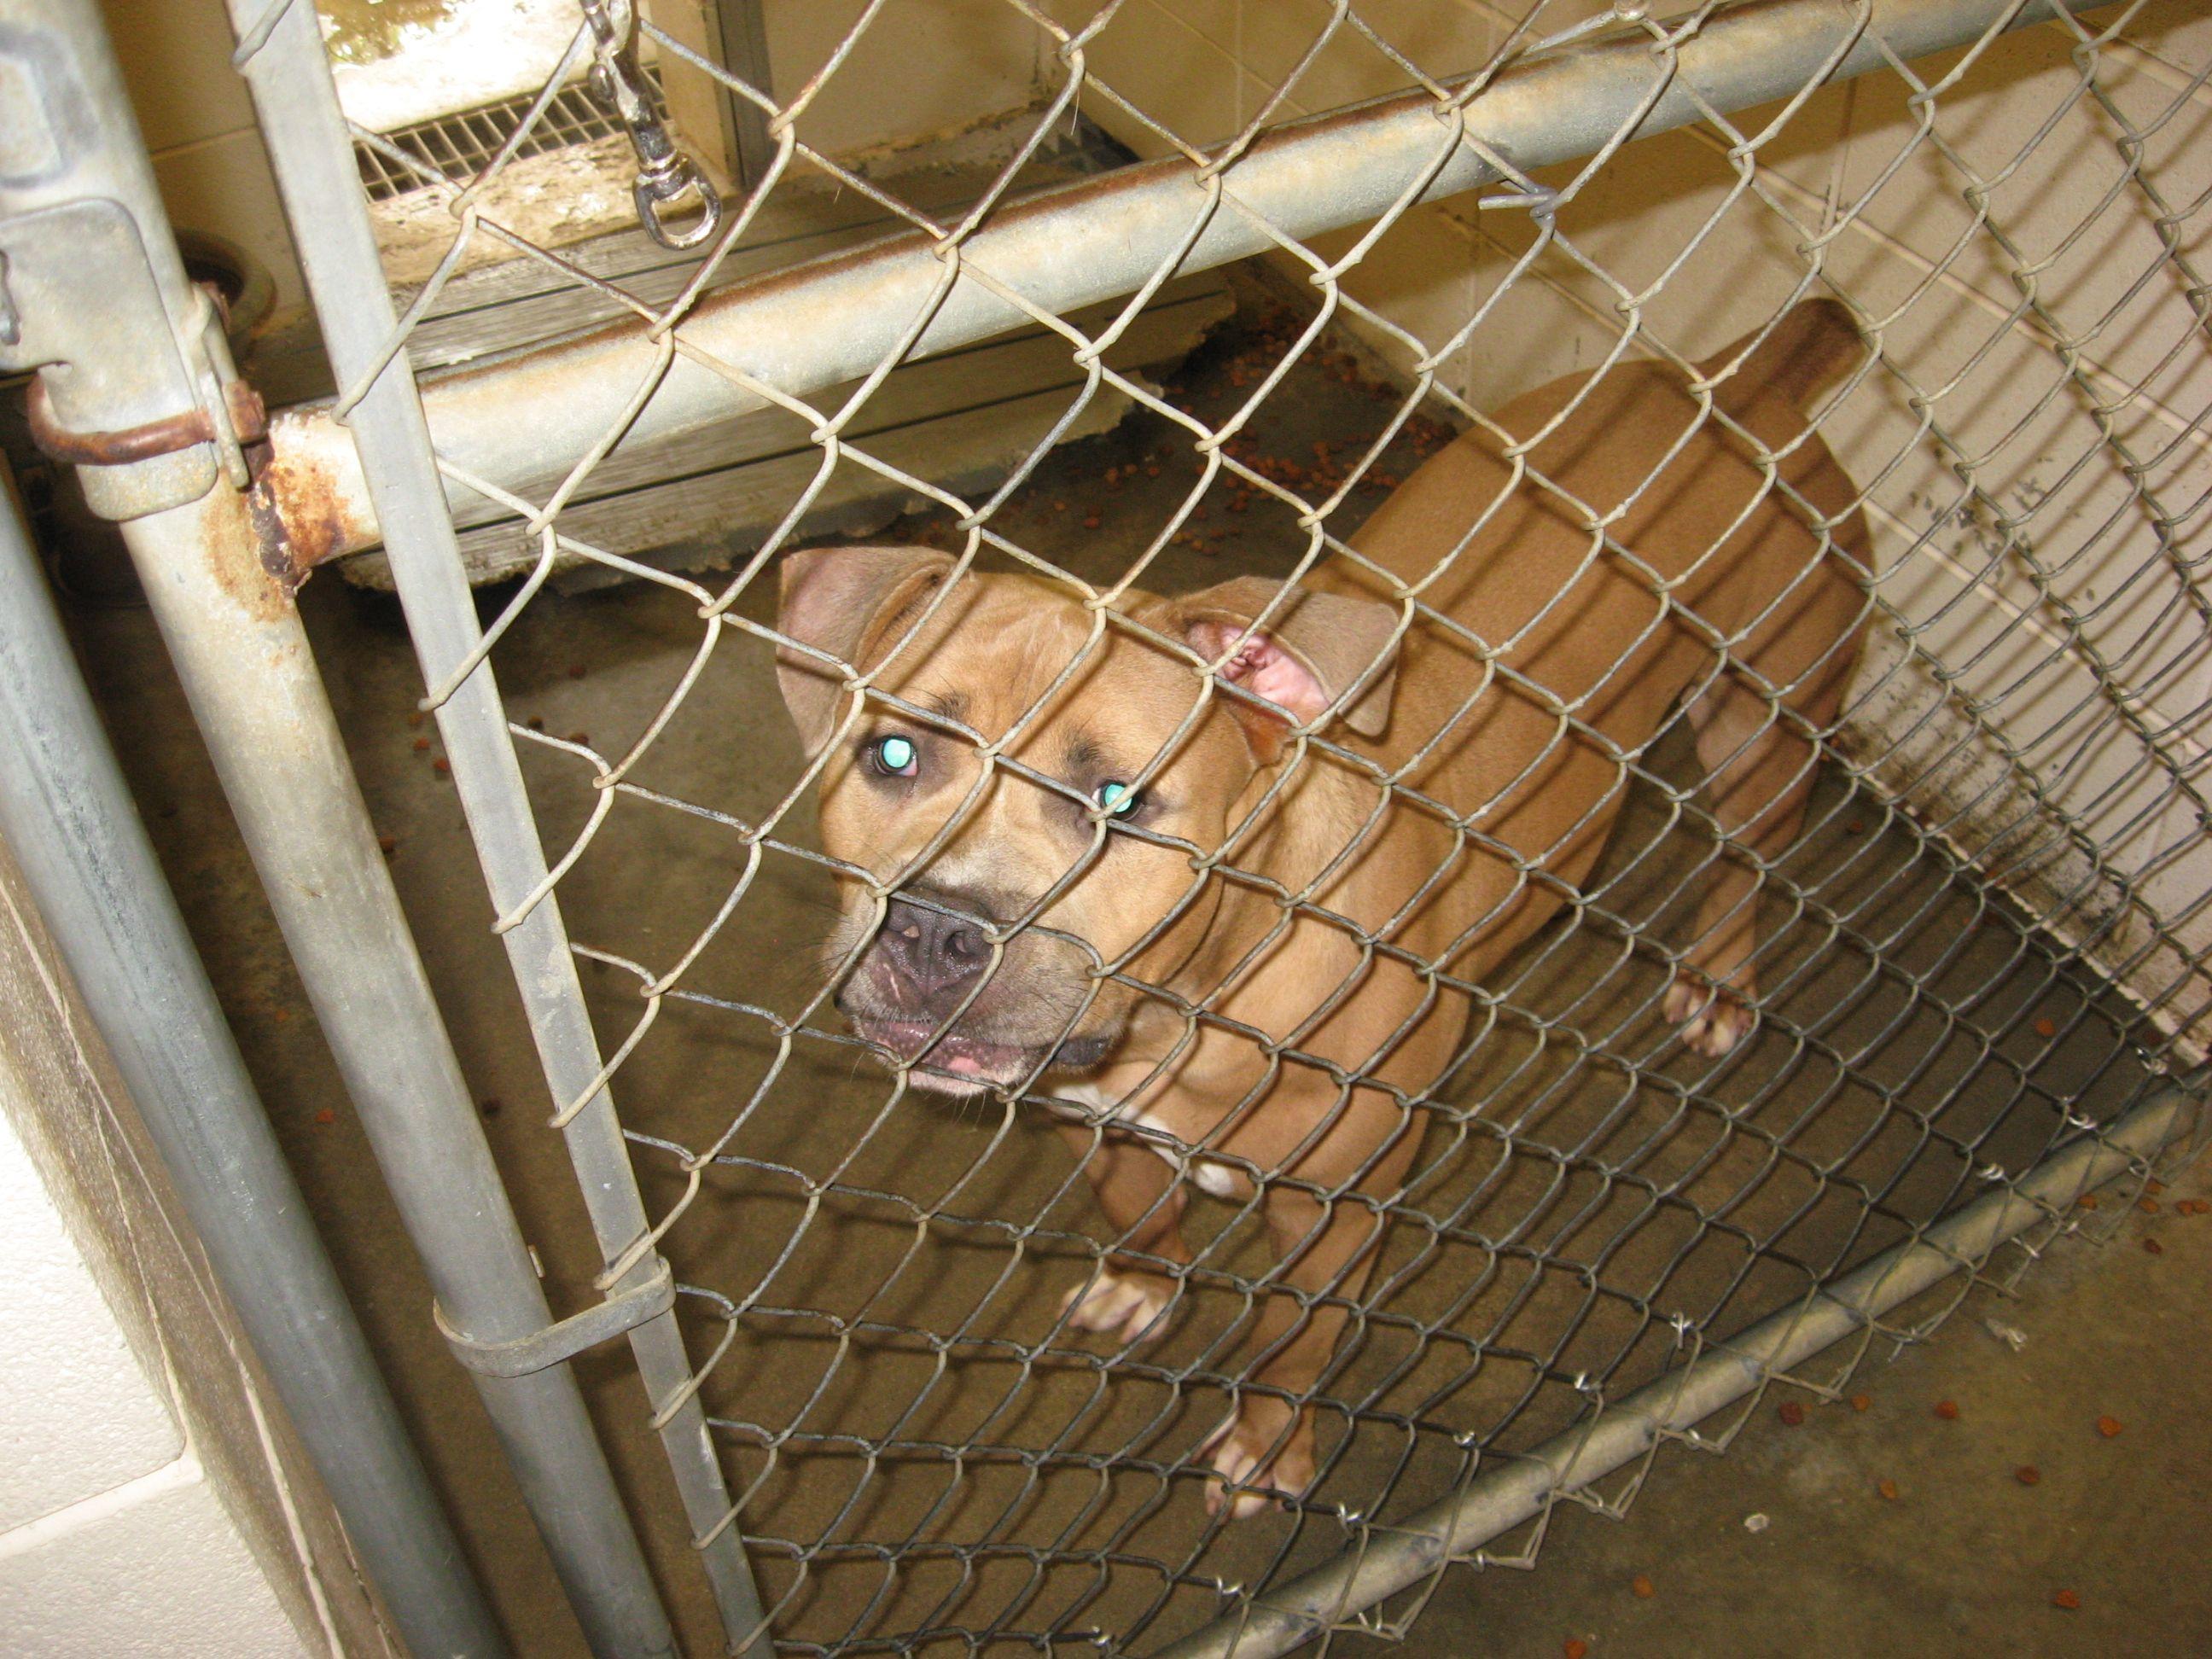 Animal Shelters Pet Euthanasia Animal shelter, Pets